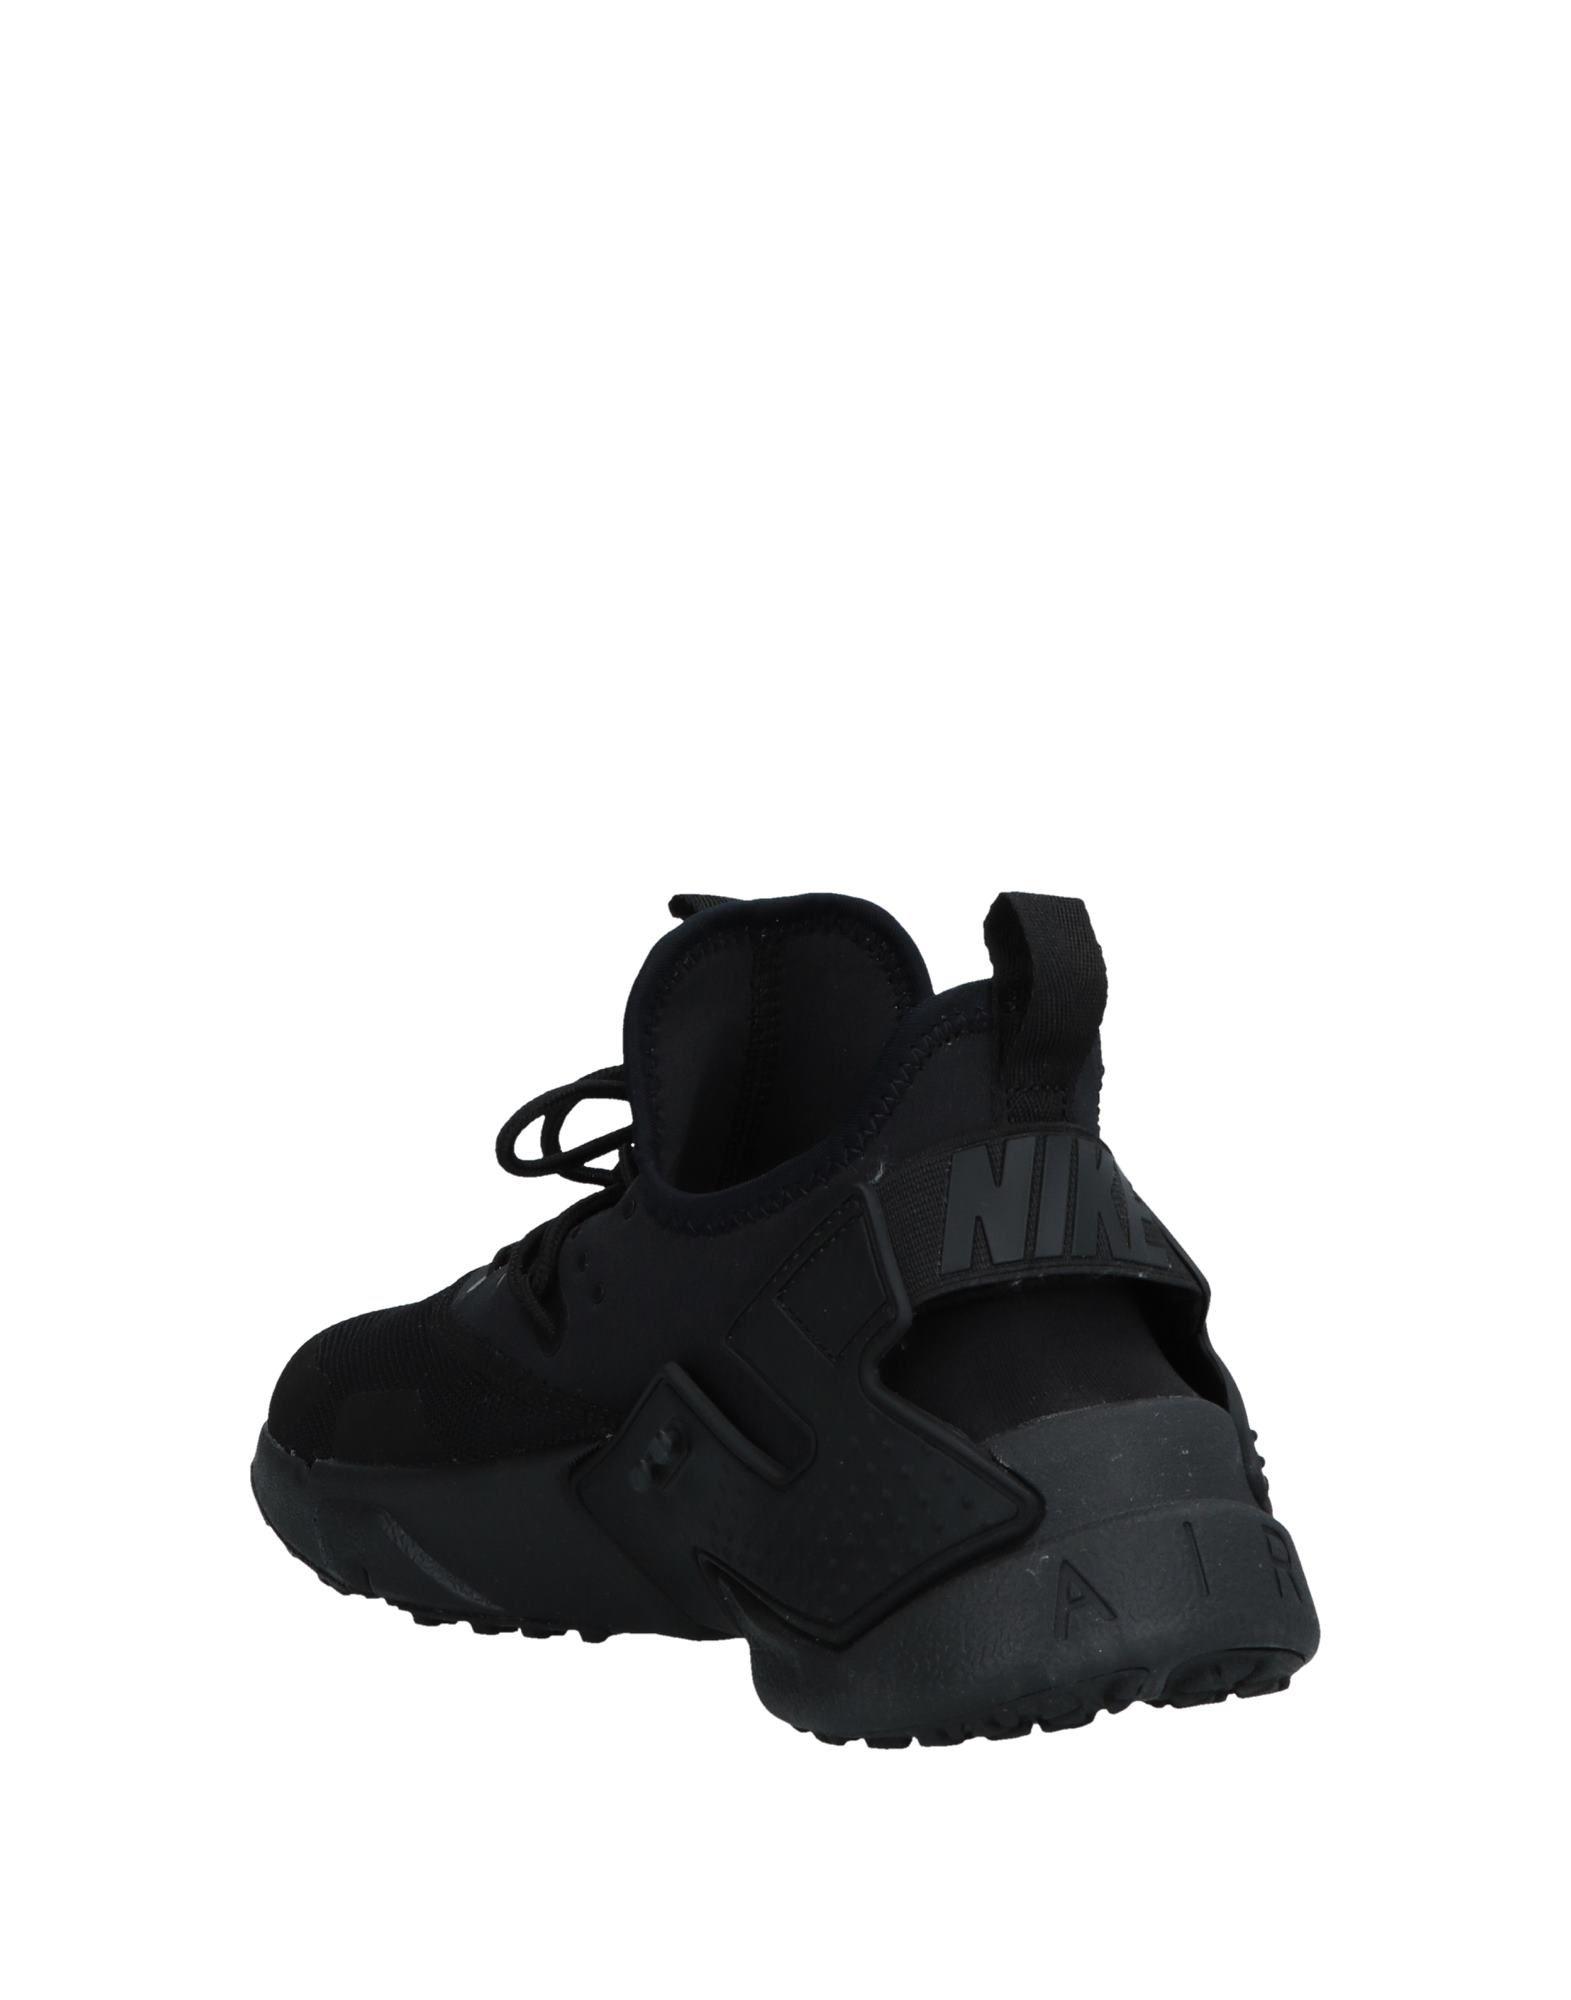 Rabatt Nike echte Schuhe Nike Rabatt Sneakers Herren  11564092RK 579429